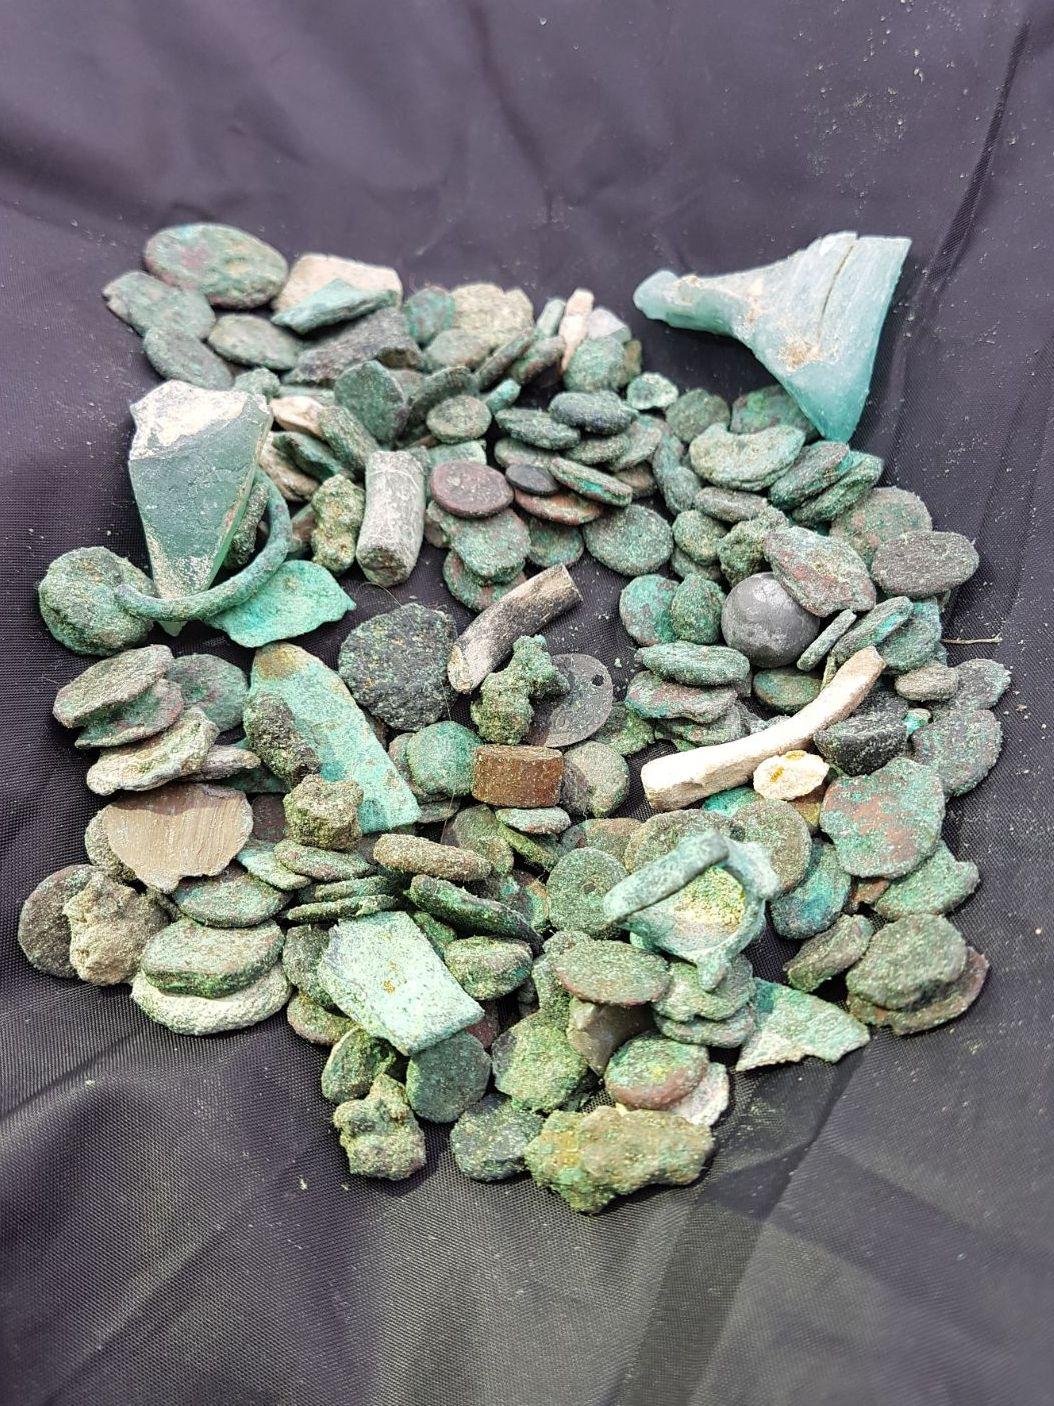 חלק מהמטבעות שנתפסו אצל החשוד - צילום: גיא פיטוסי, רשות העתיקות